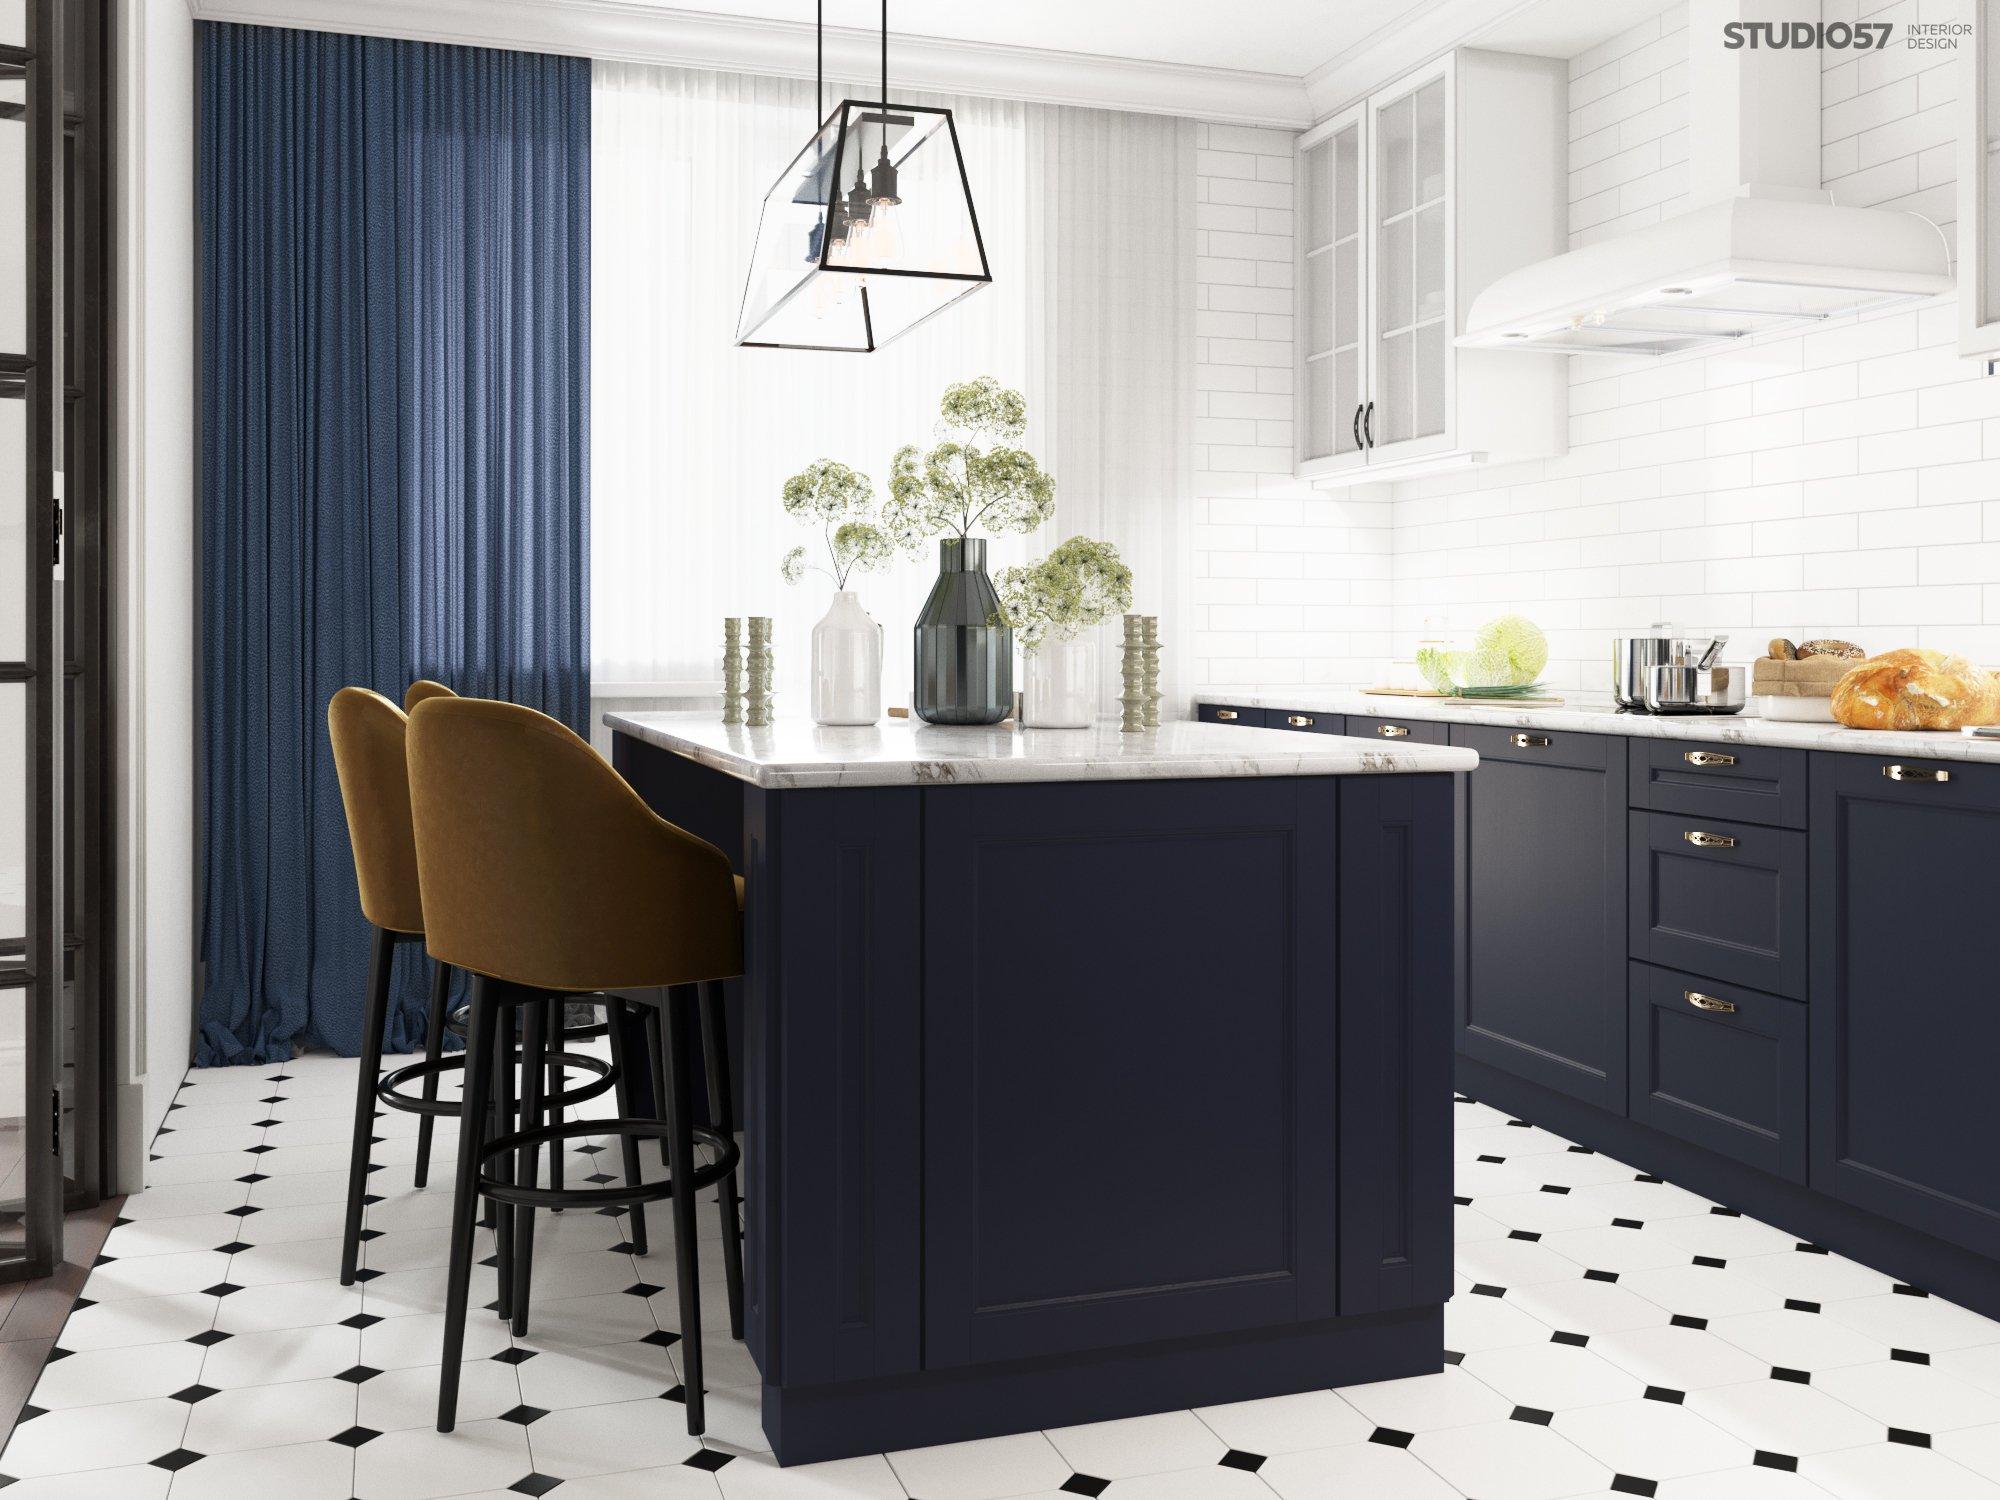 Кухня в стиле фьюжн изображение